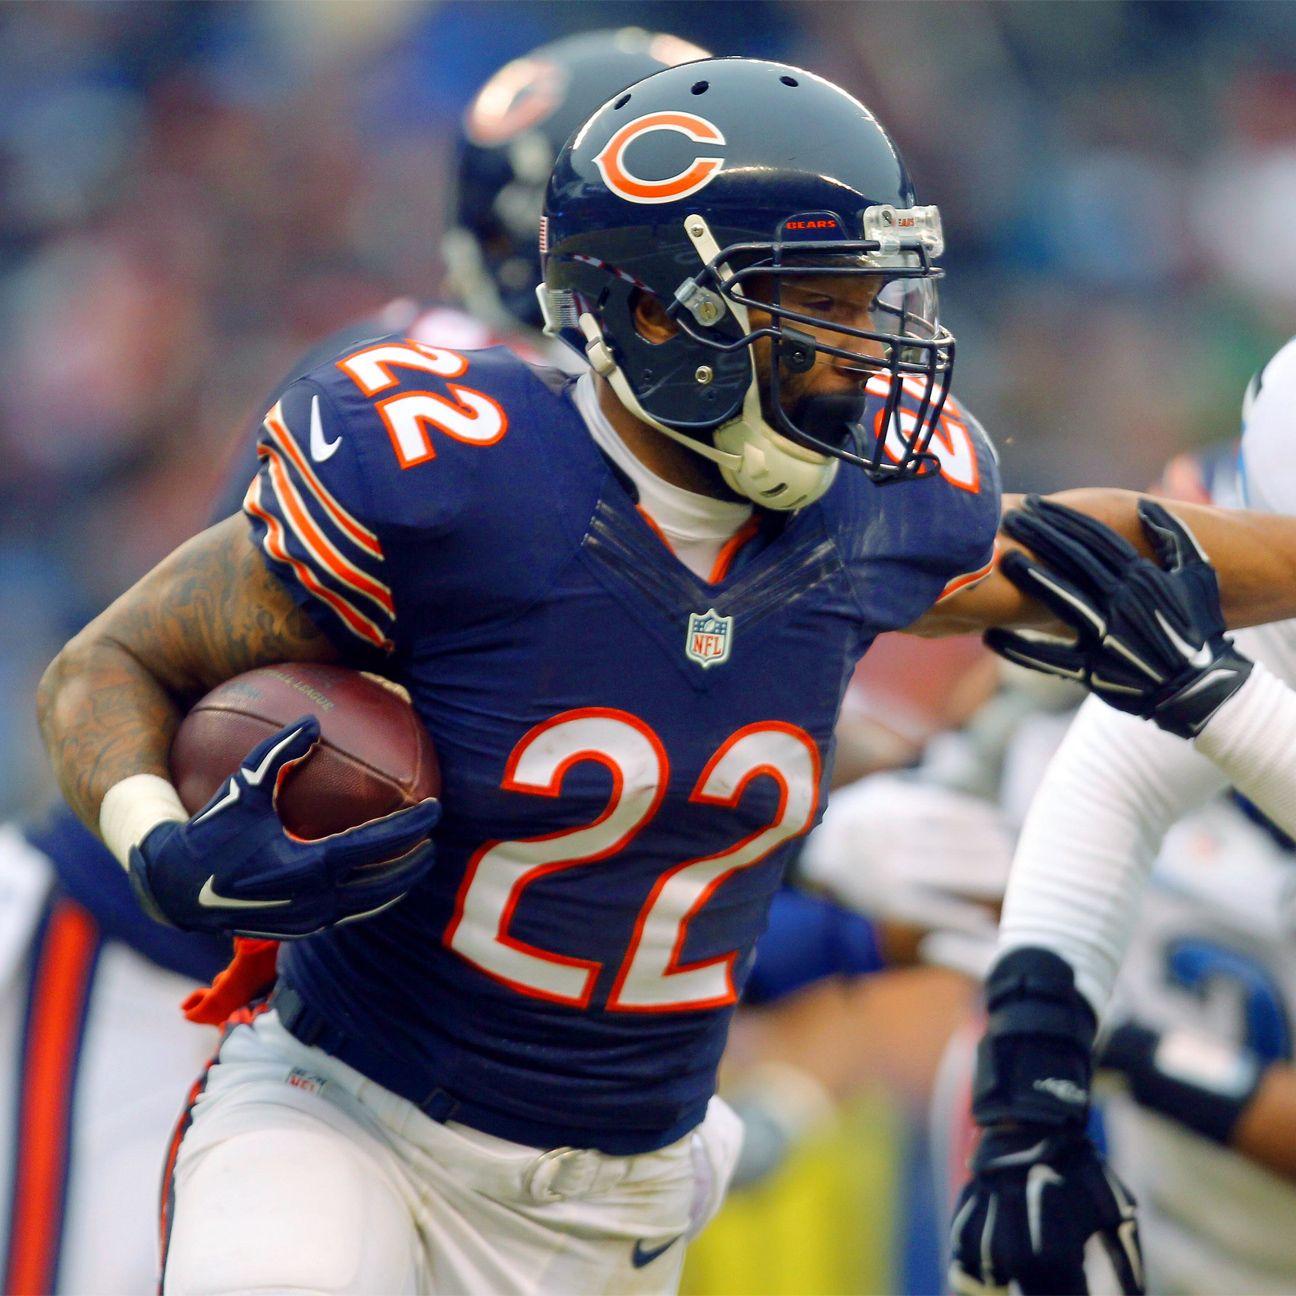 Chicago Bears Roster: Ranking The Bears' Roster: No. 2, Matt Forte